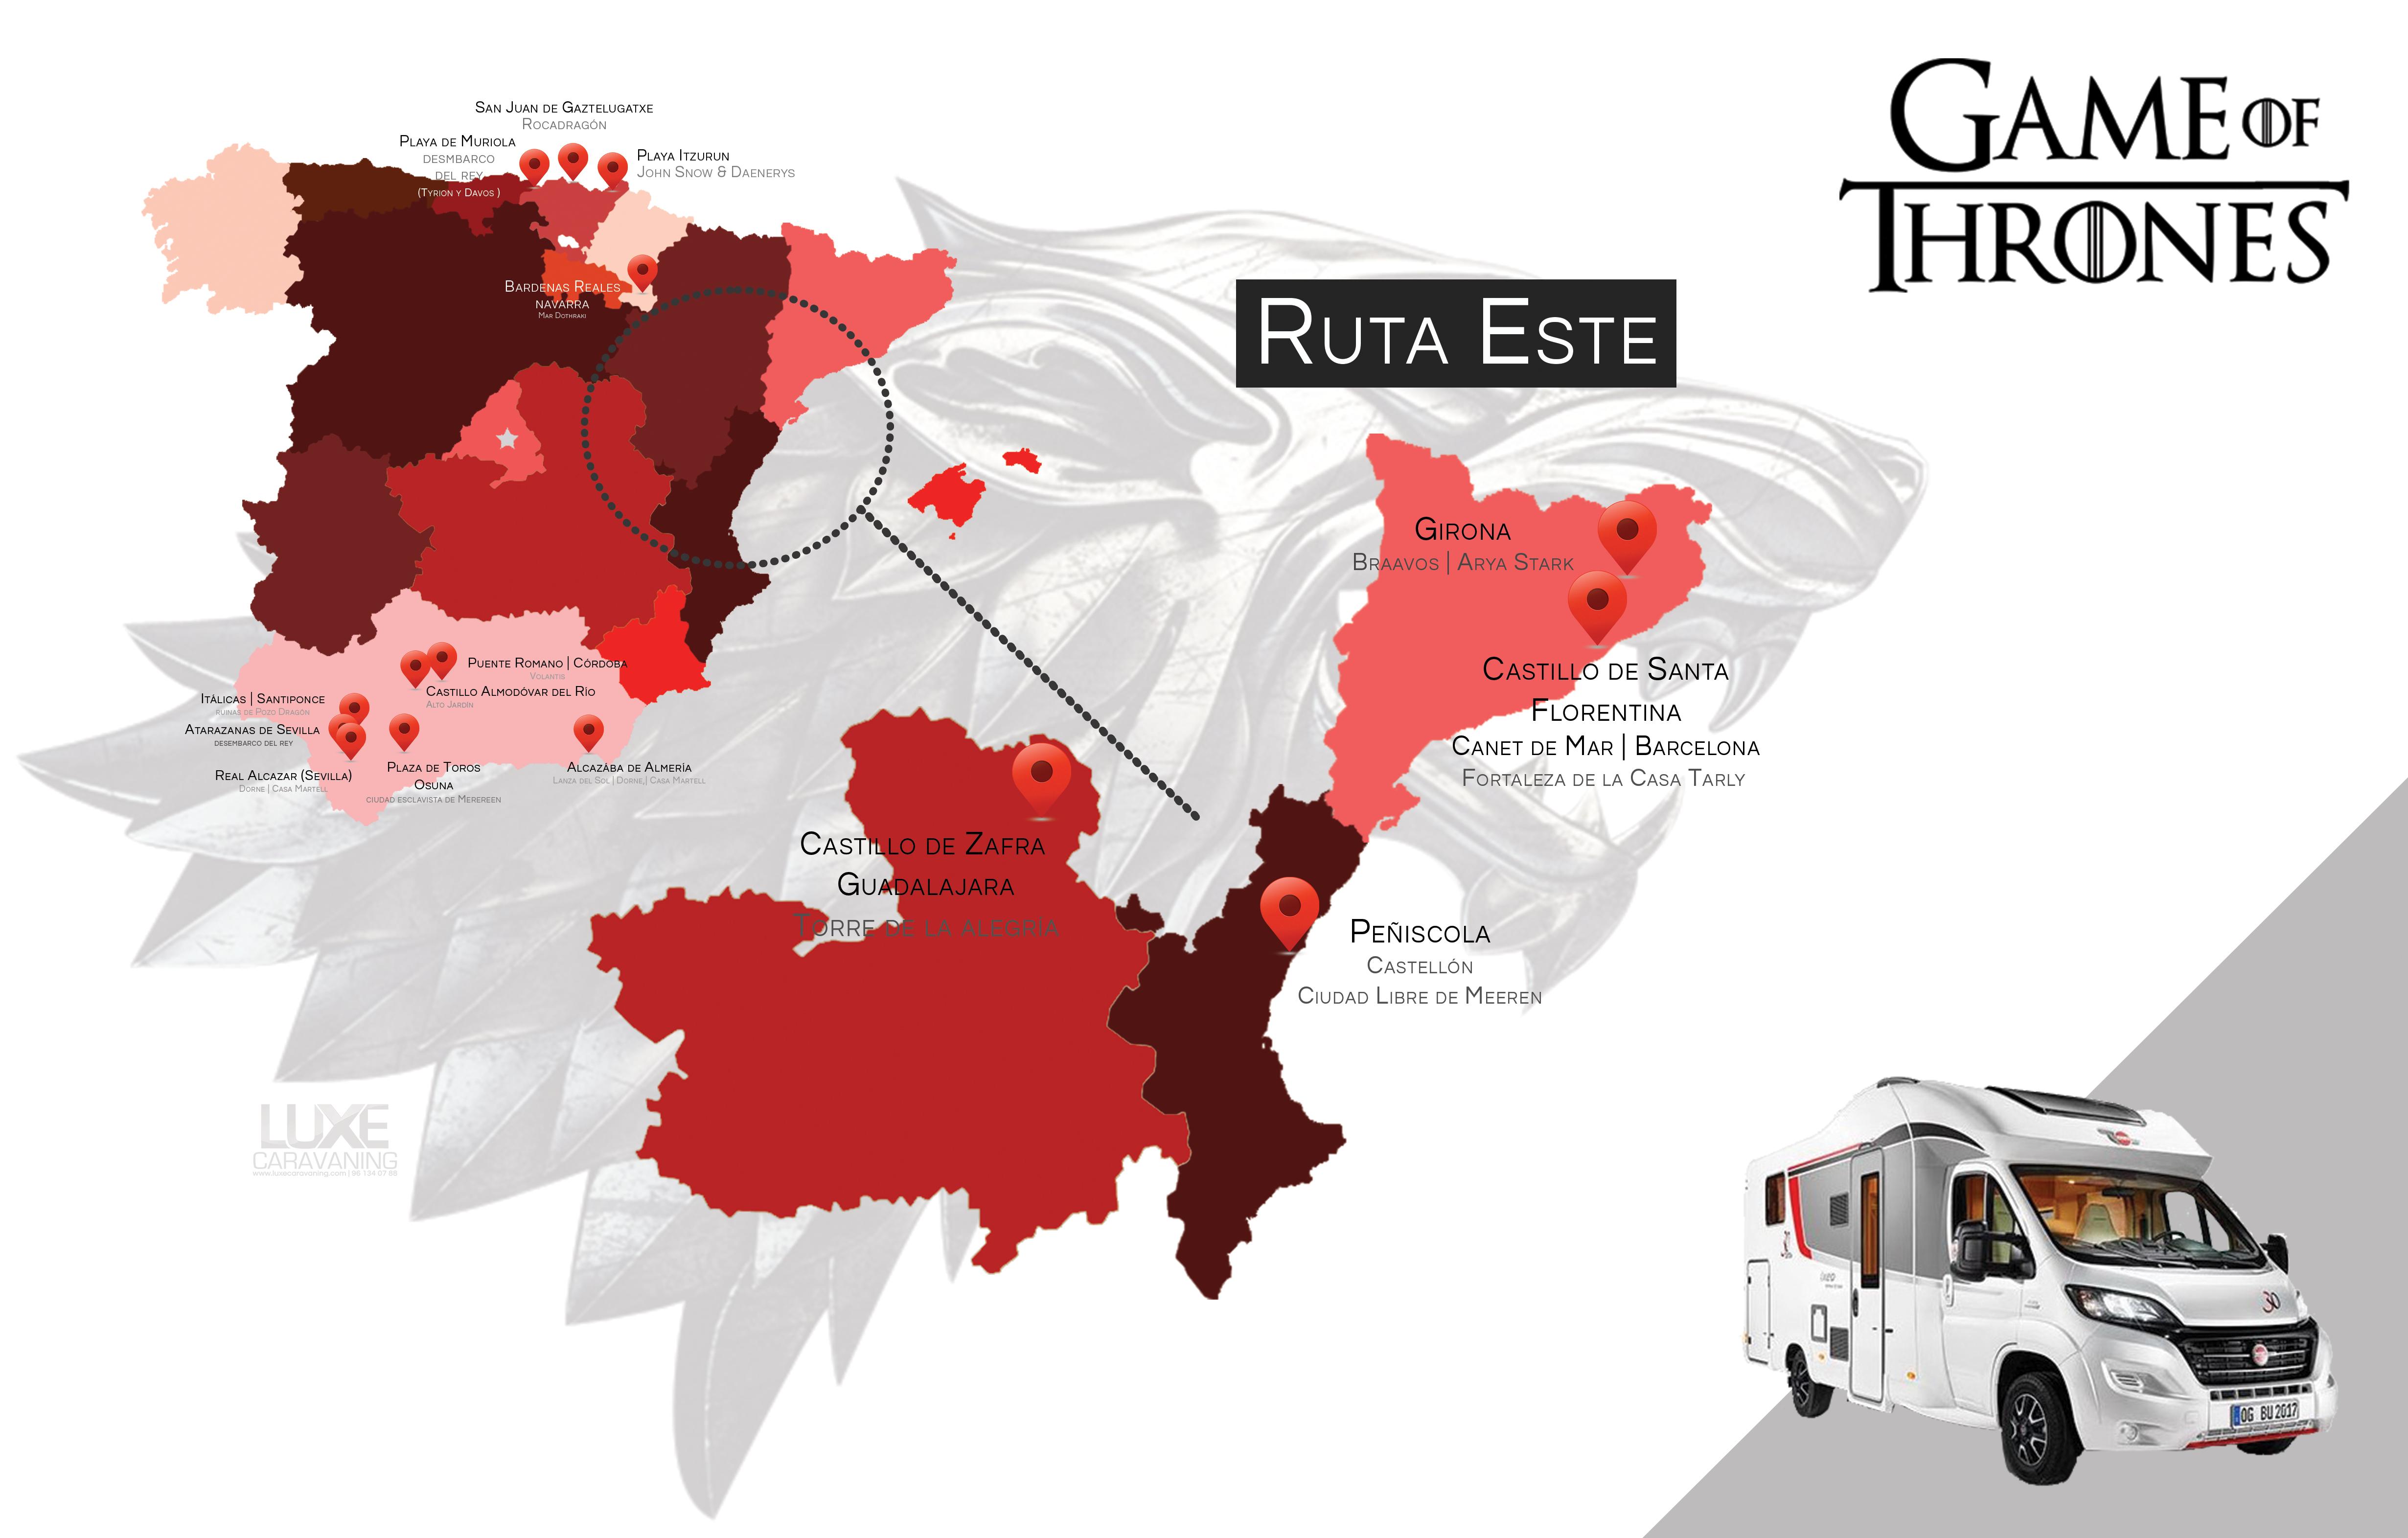 JUEGO DE TRONOS_RUTA_ESTEEEEEEEEEEEE